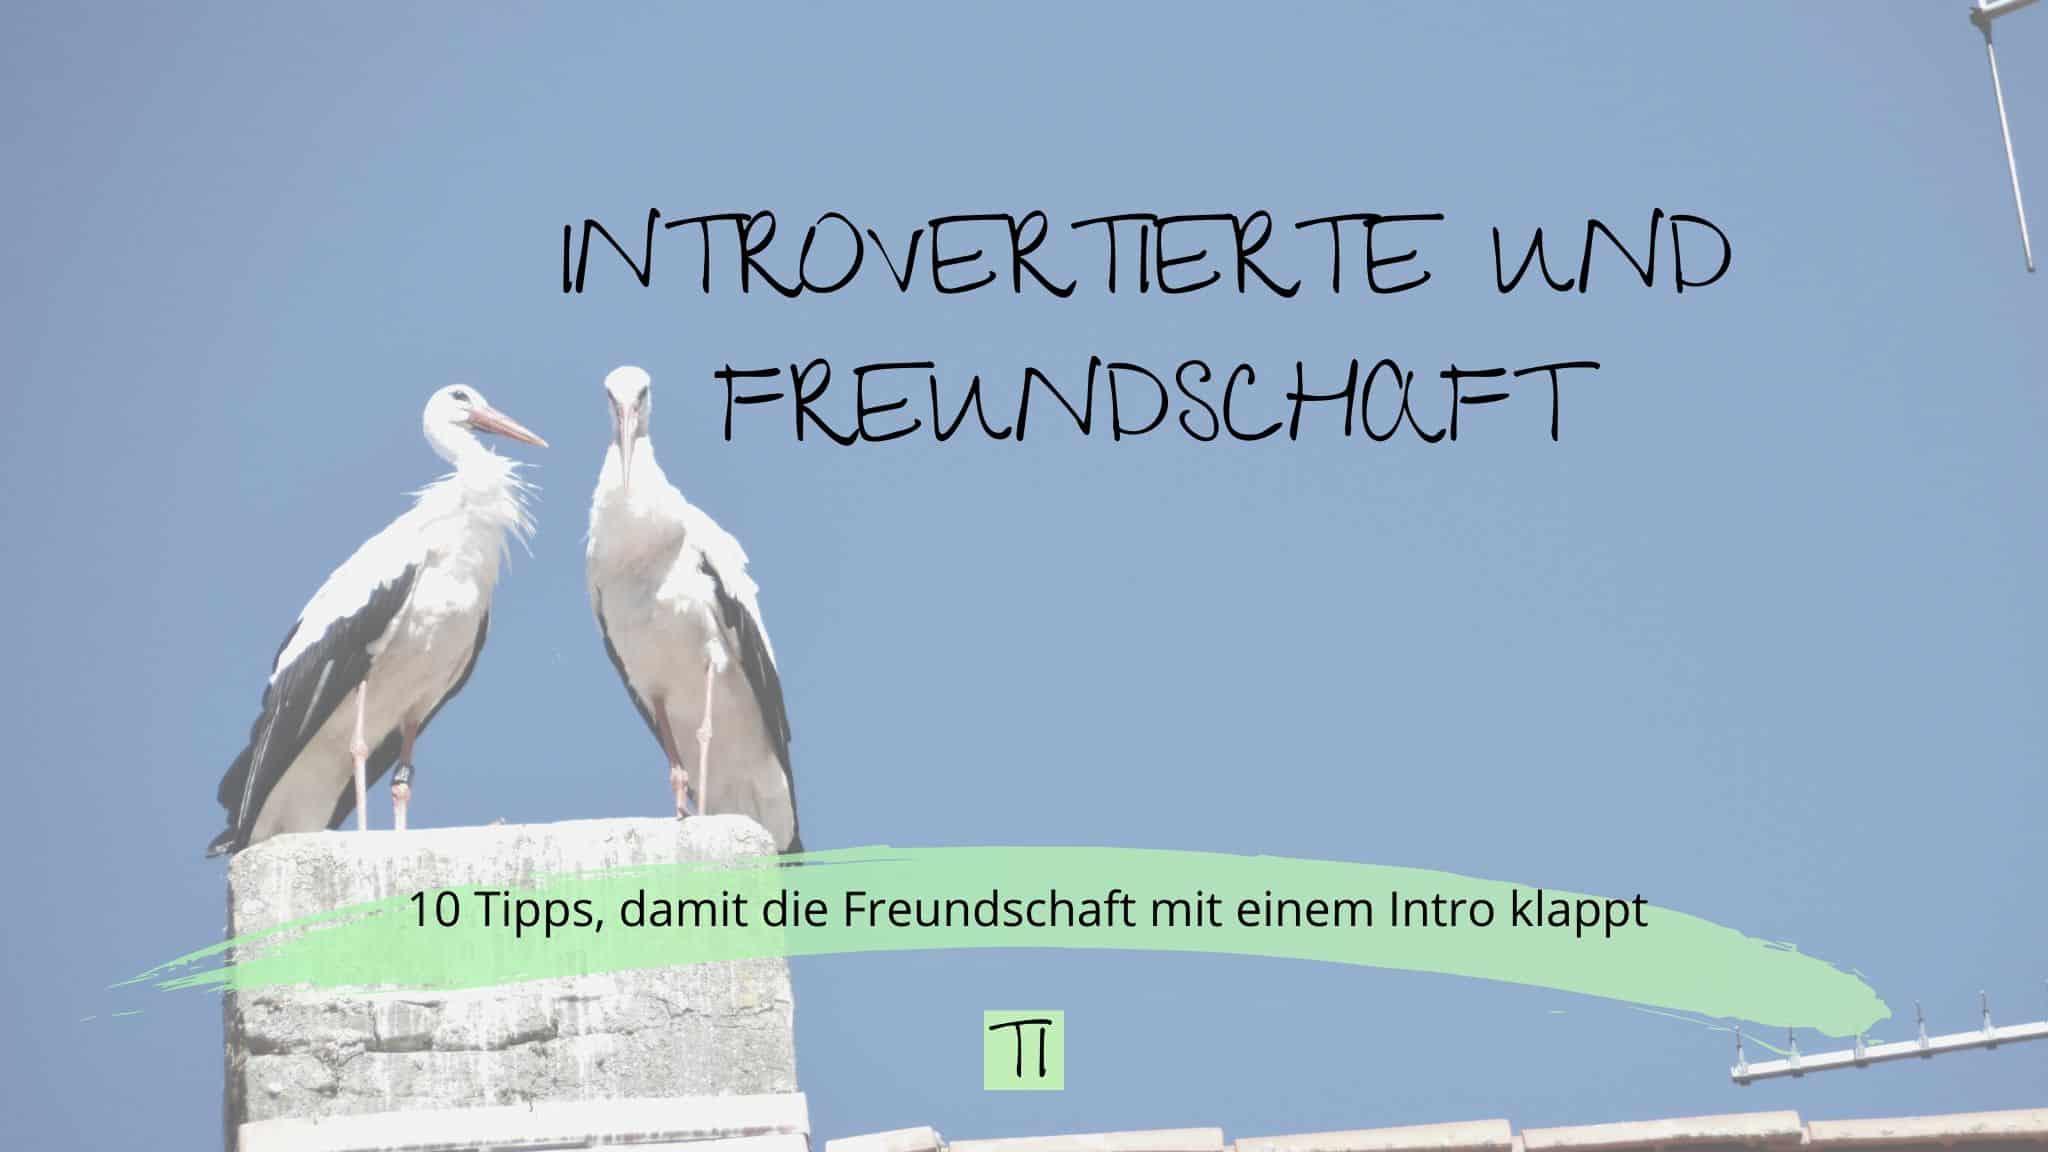 Titel: Introvertierte und Freundschaft | Team Introvertiert